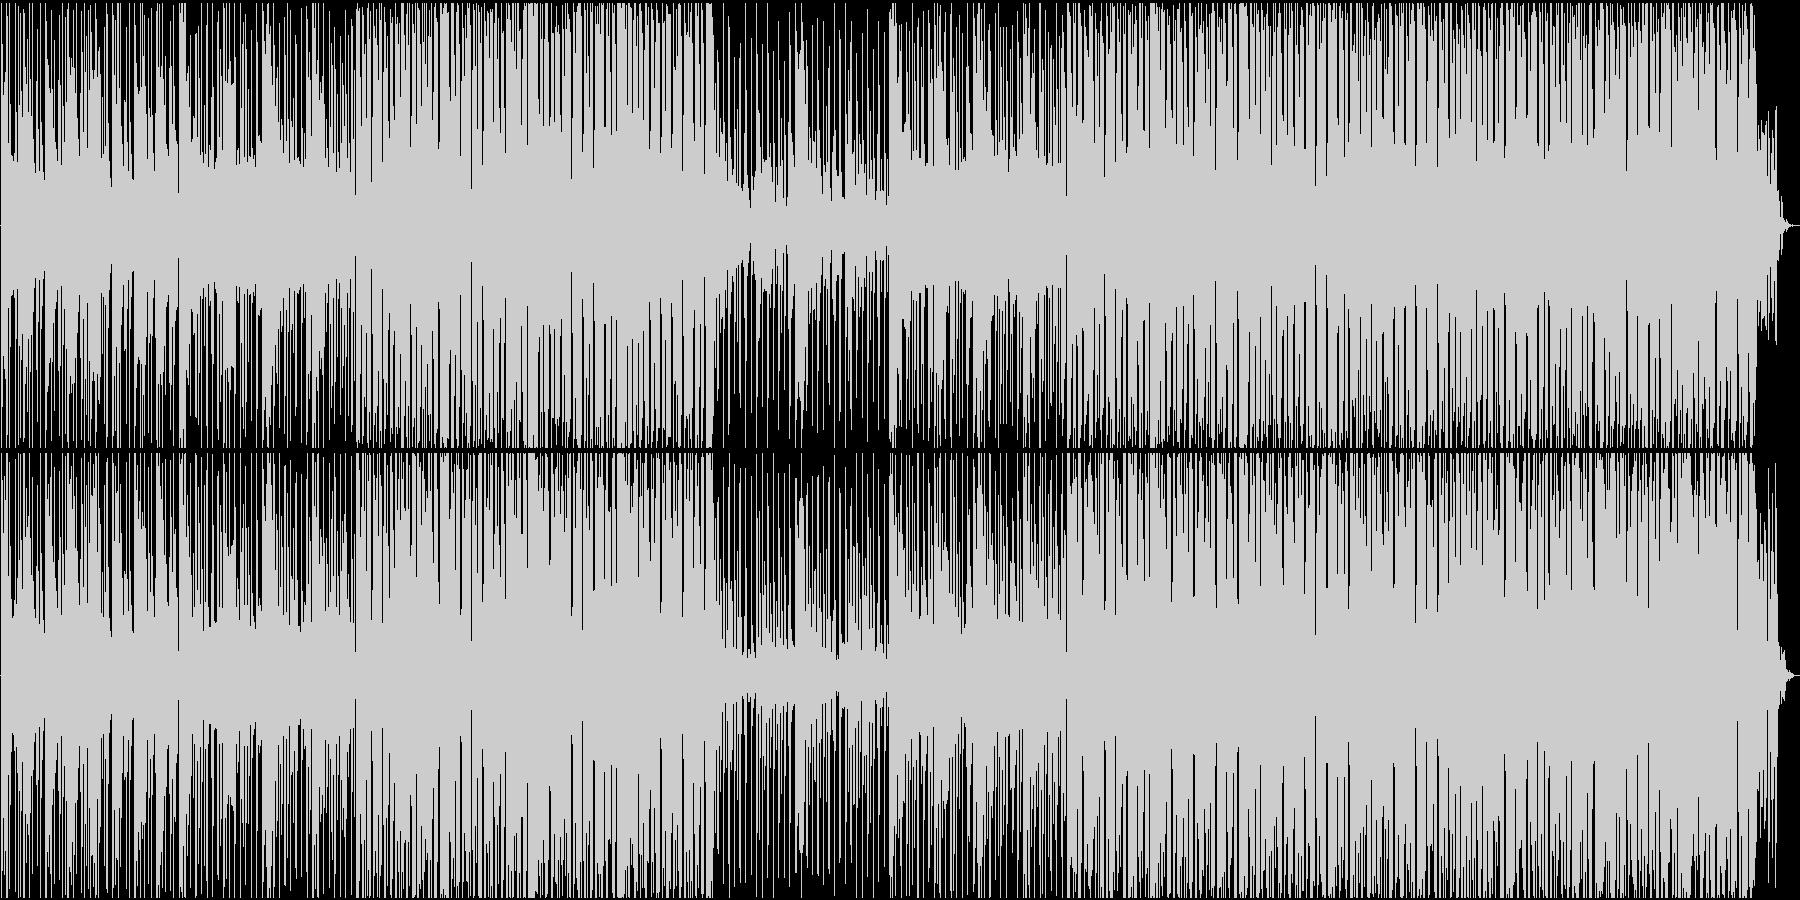 ビートははっきりしているが物悲しいBGMの未再生の波形